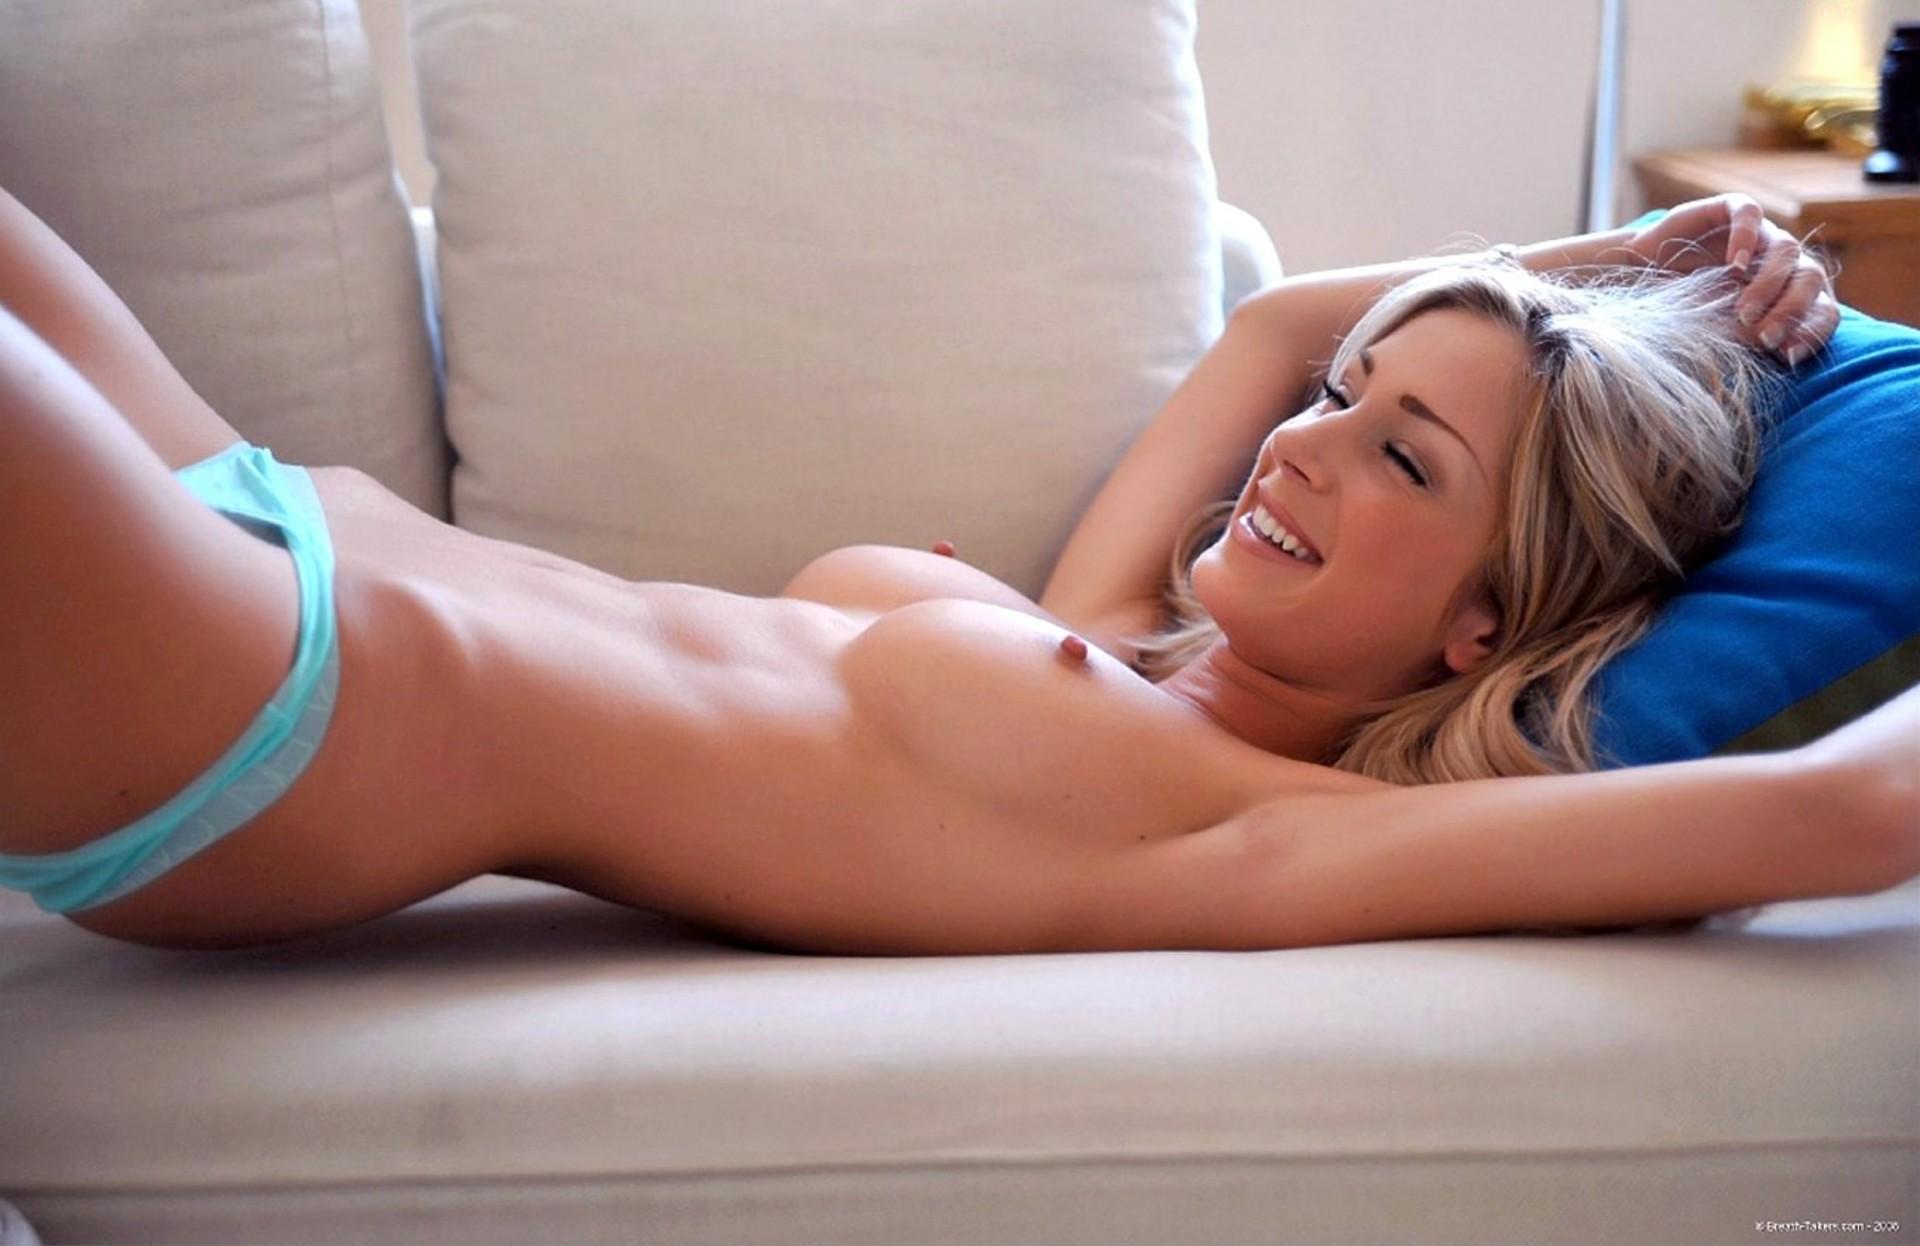 Стройные порно модели в трусиках фото, лизать грязные женские ботфорты